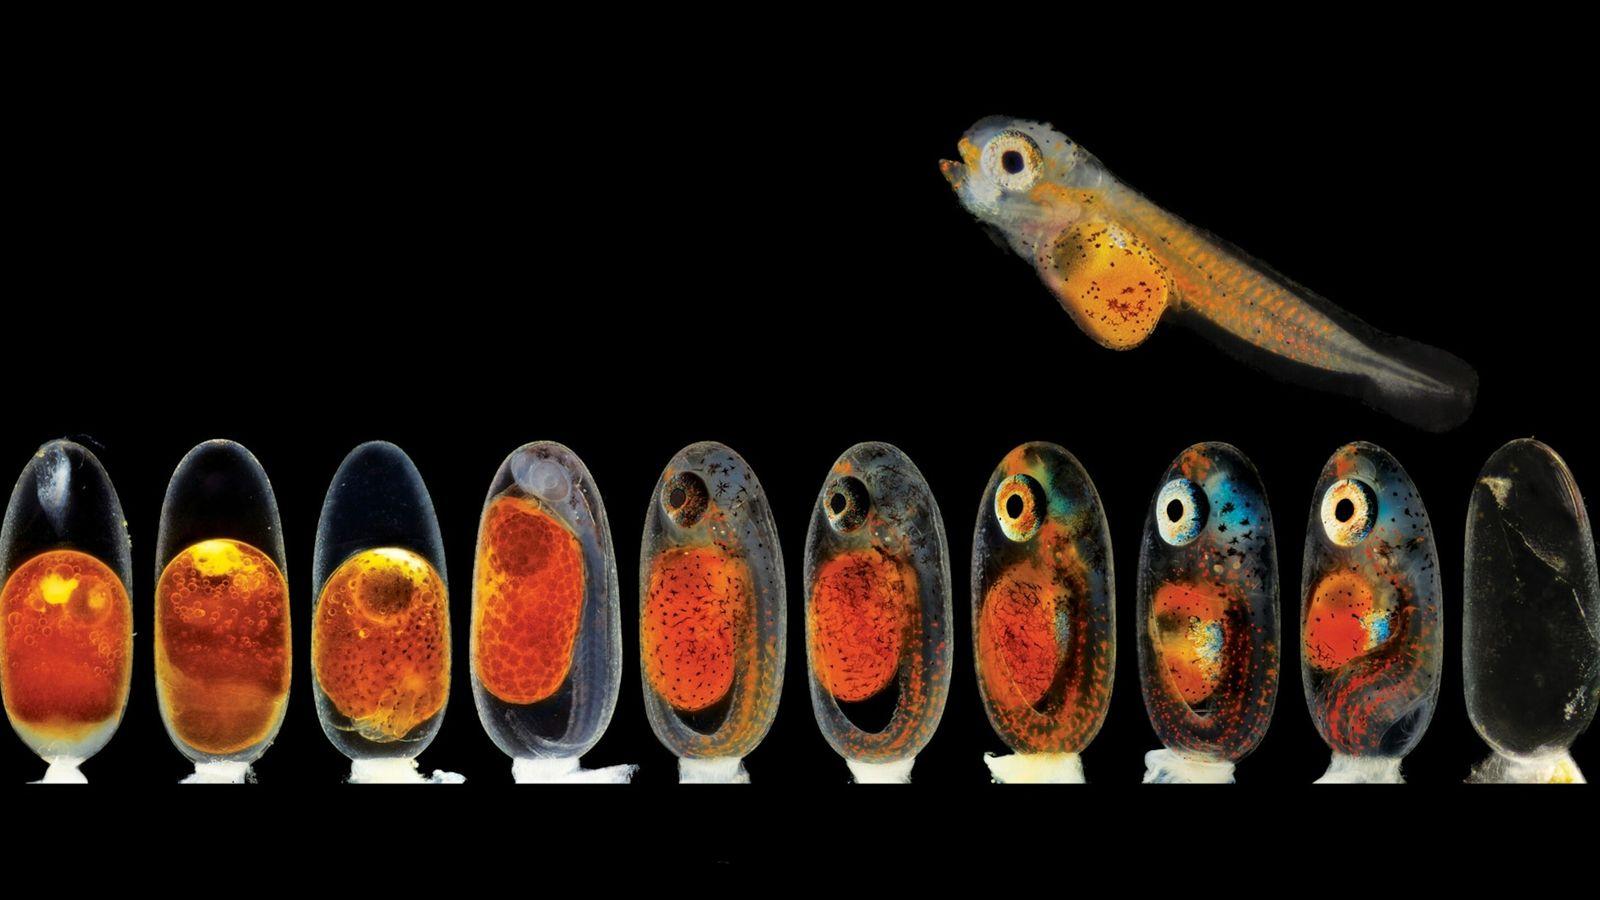 fotos dos diferentes estágios de desenvolvimento do peixe palhaço